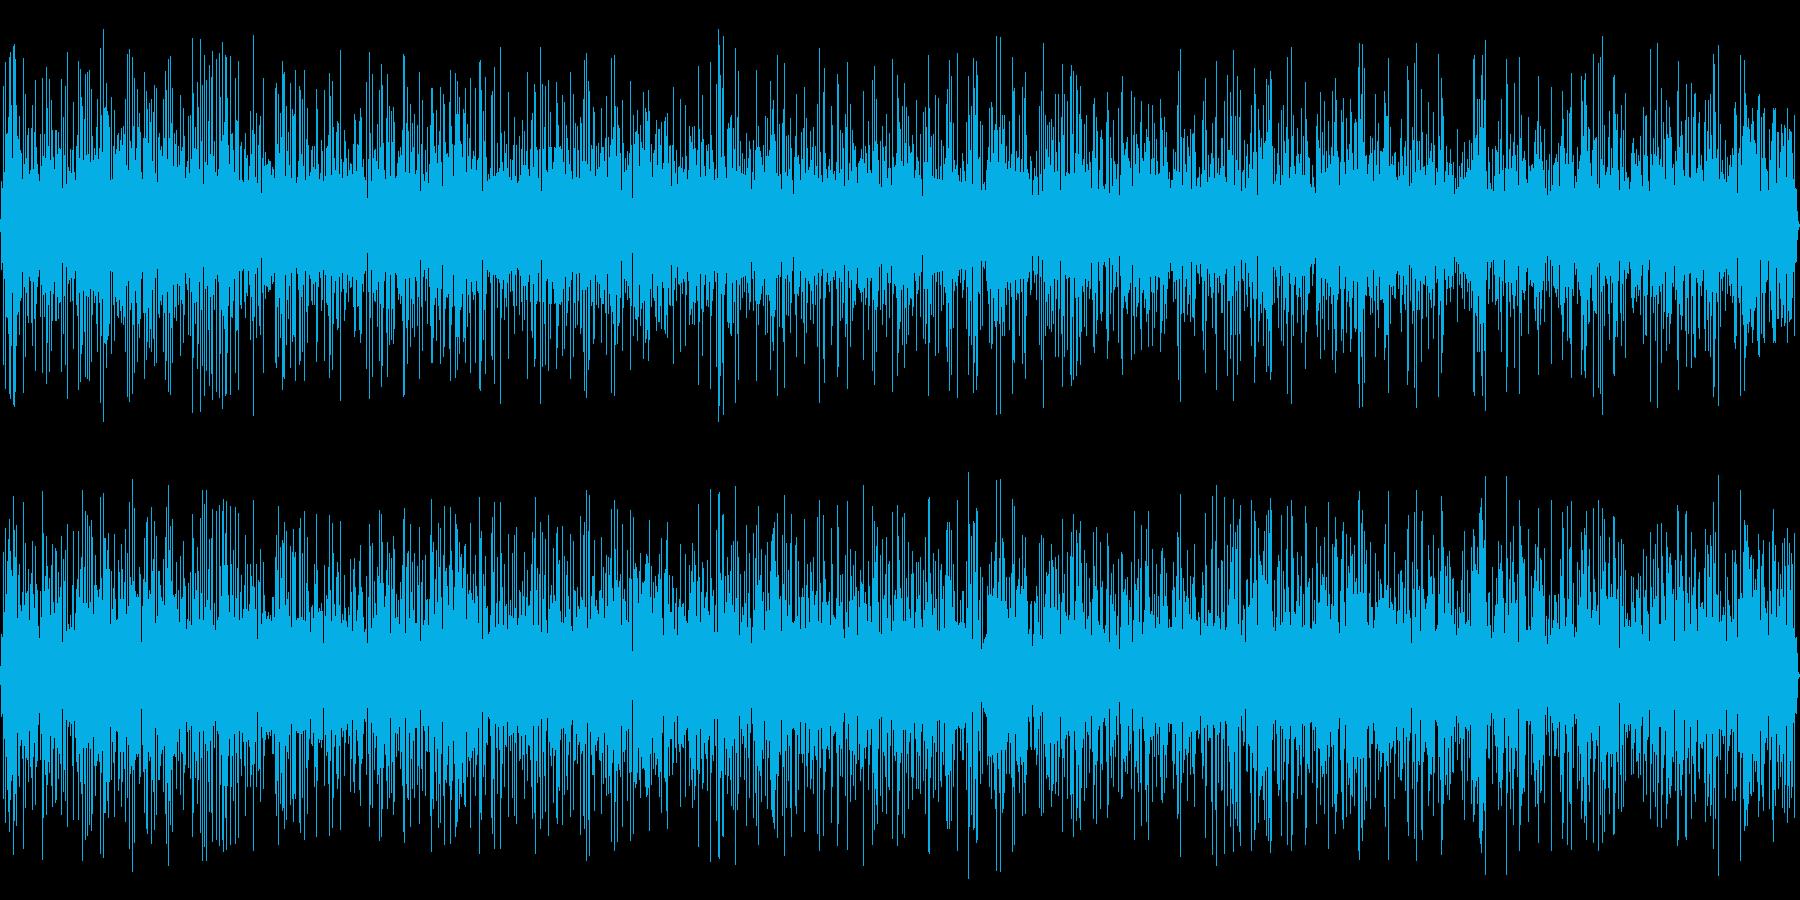 小川(環境音)の再生済みの波形